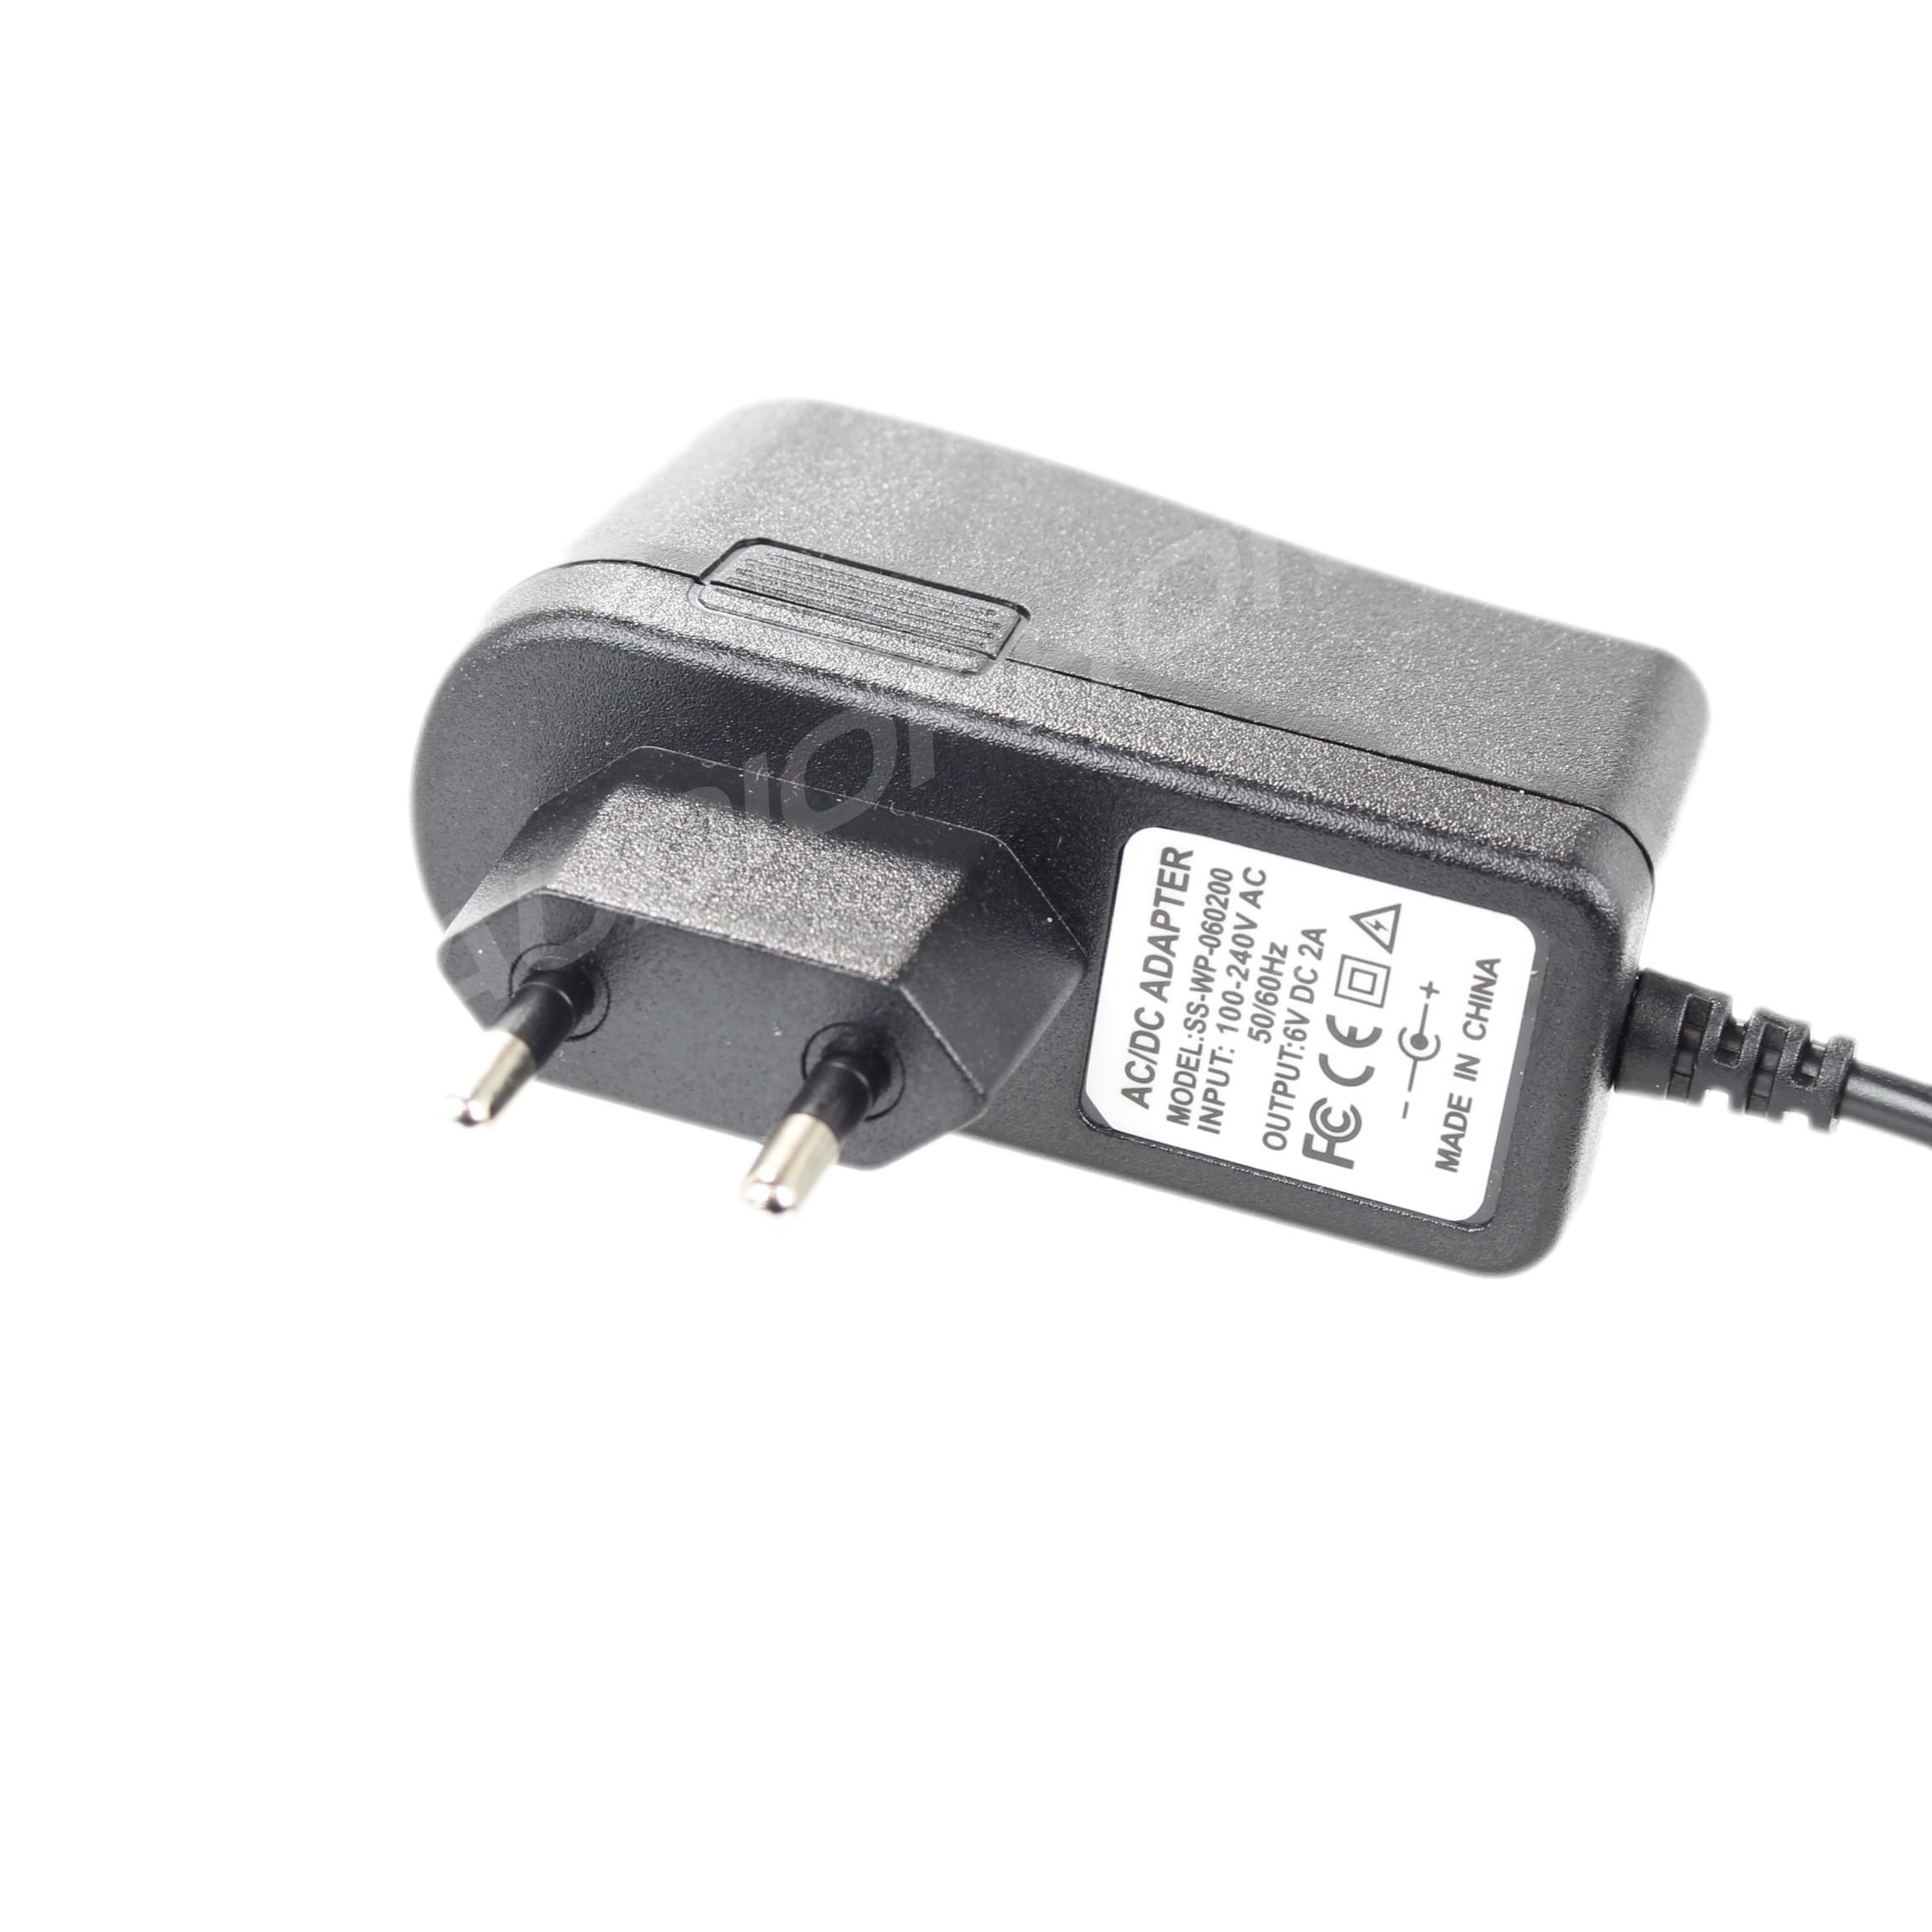 Adaptateur Secteur Alimentation 100-240V vers 6V 2A DC